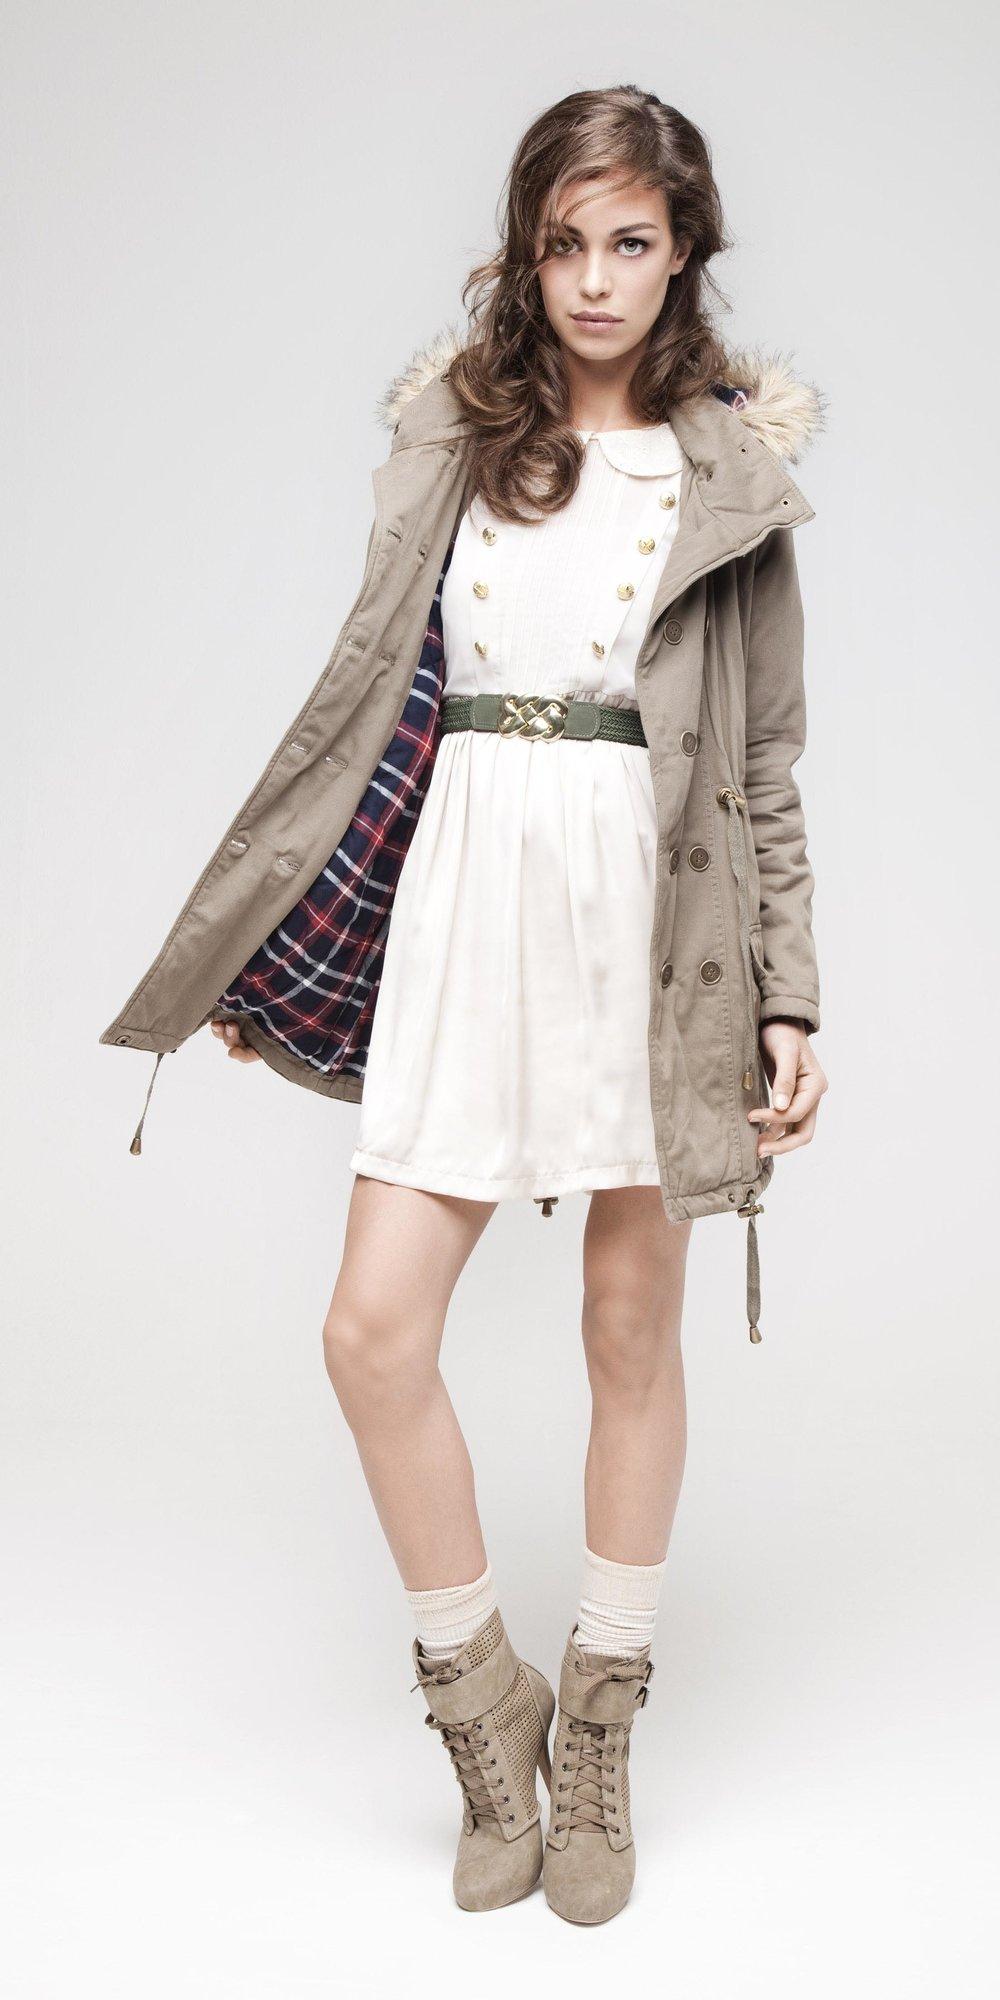 white-dress-mini-belt-tan-jacket-coat-parka-hairr-socks-tan-shoe-booties-fall-winter-weekend.jpg